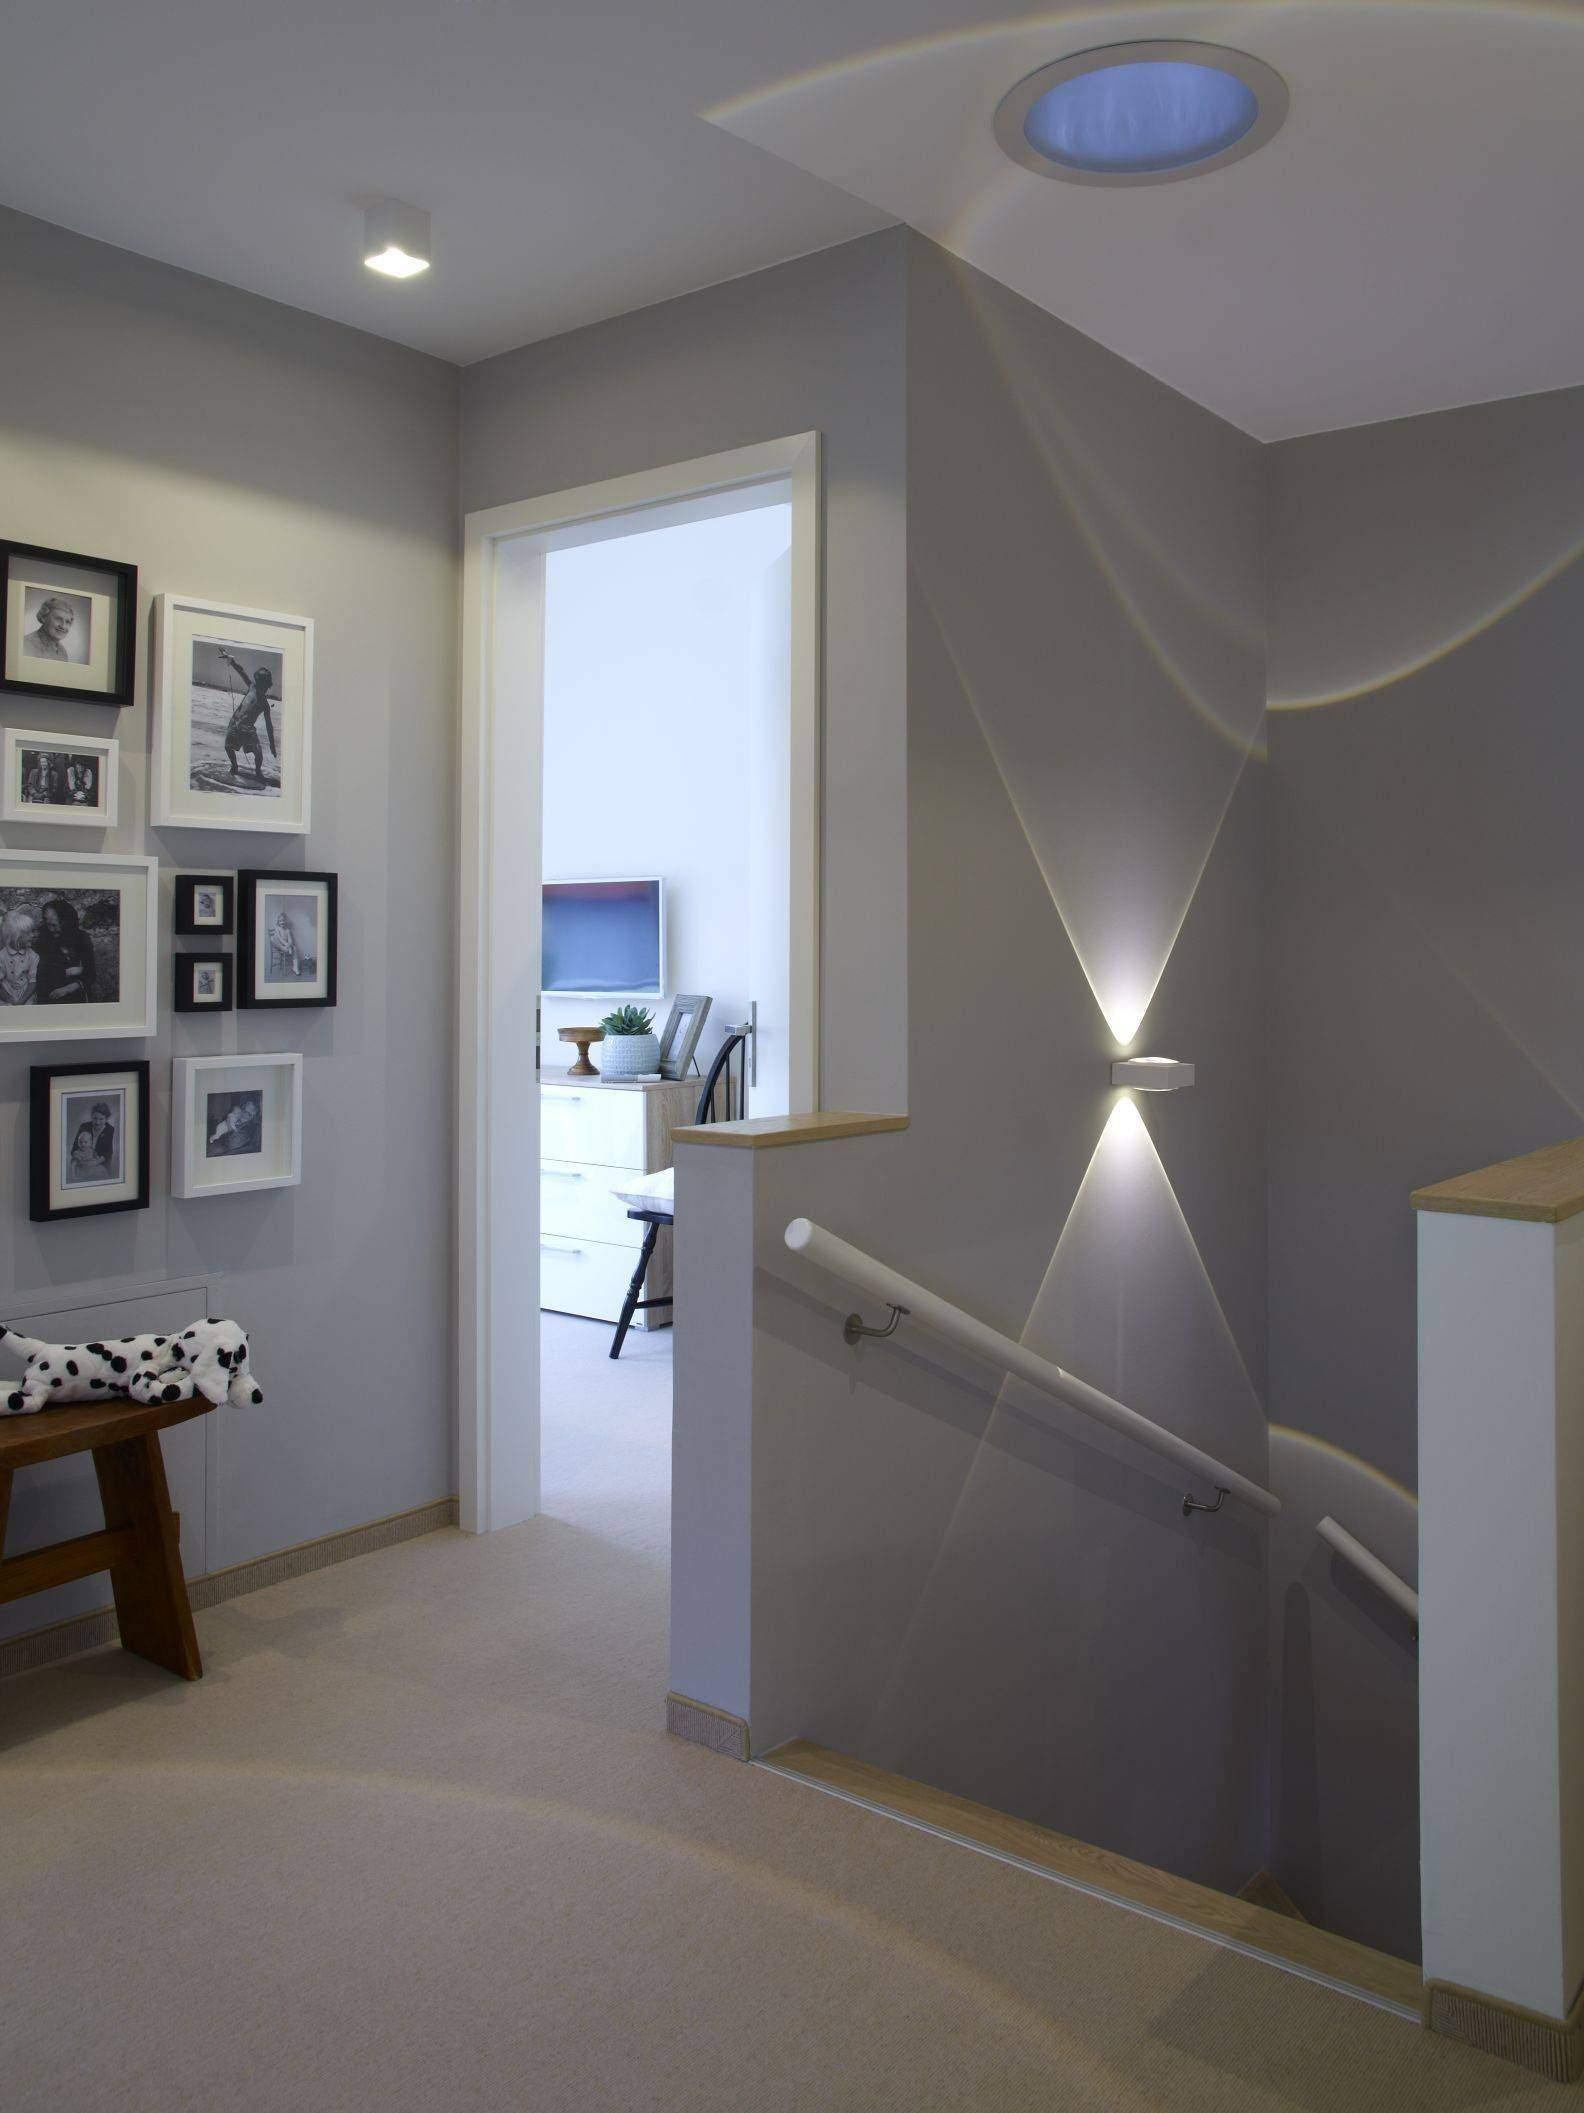 Full Size of Deckenlampe Bad Deckenstrahler Wohnzimmer Küche Led Deckenleuchte Badezimmer Gestalten Deckenlampen Modern Decken Moderne Kleines Neu Deckenleuchten Wohnzimmer Decke Gestalten